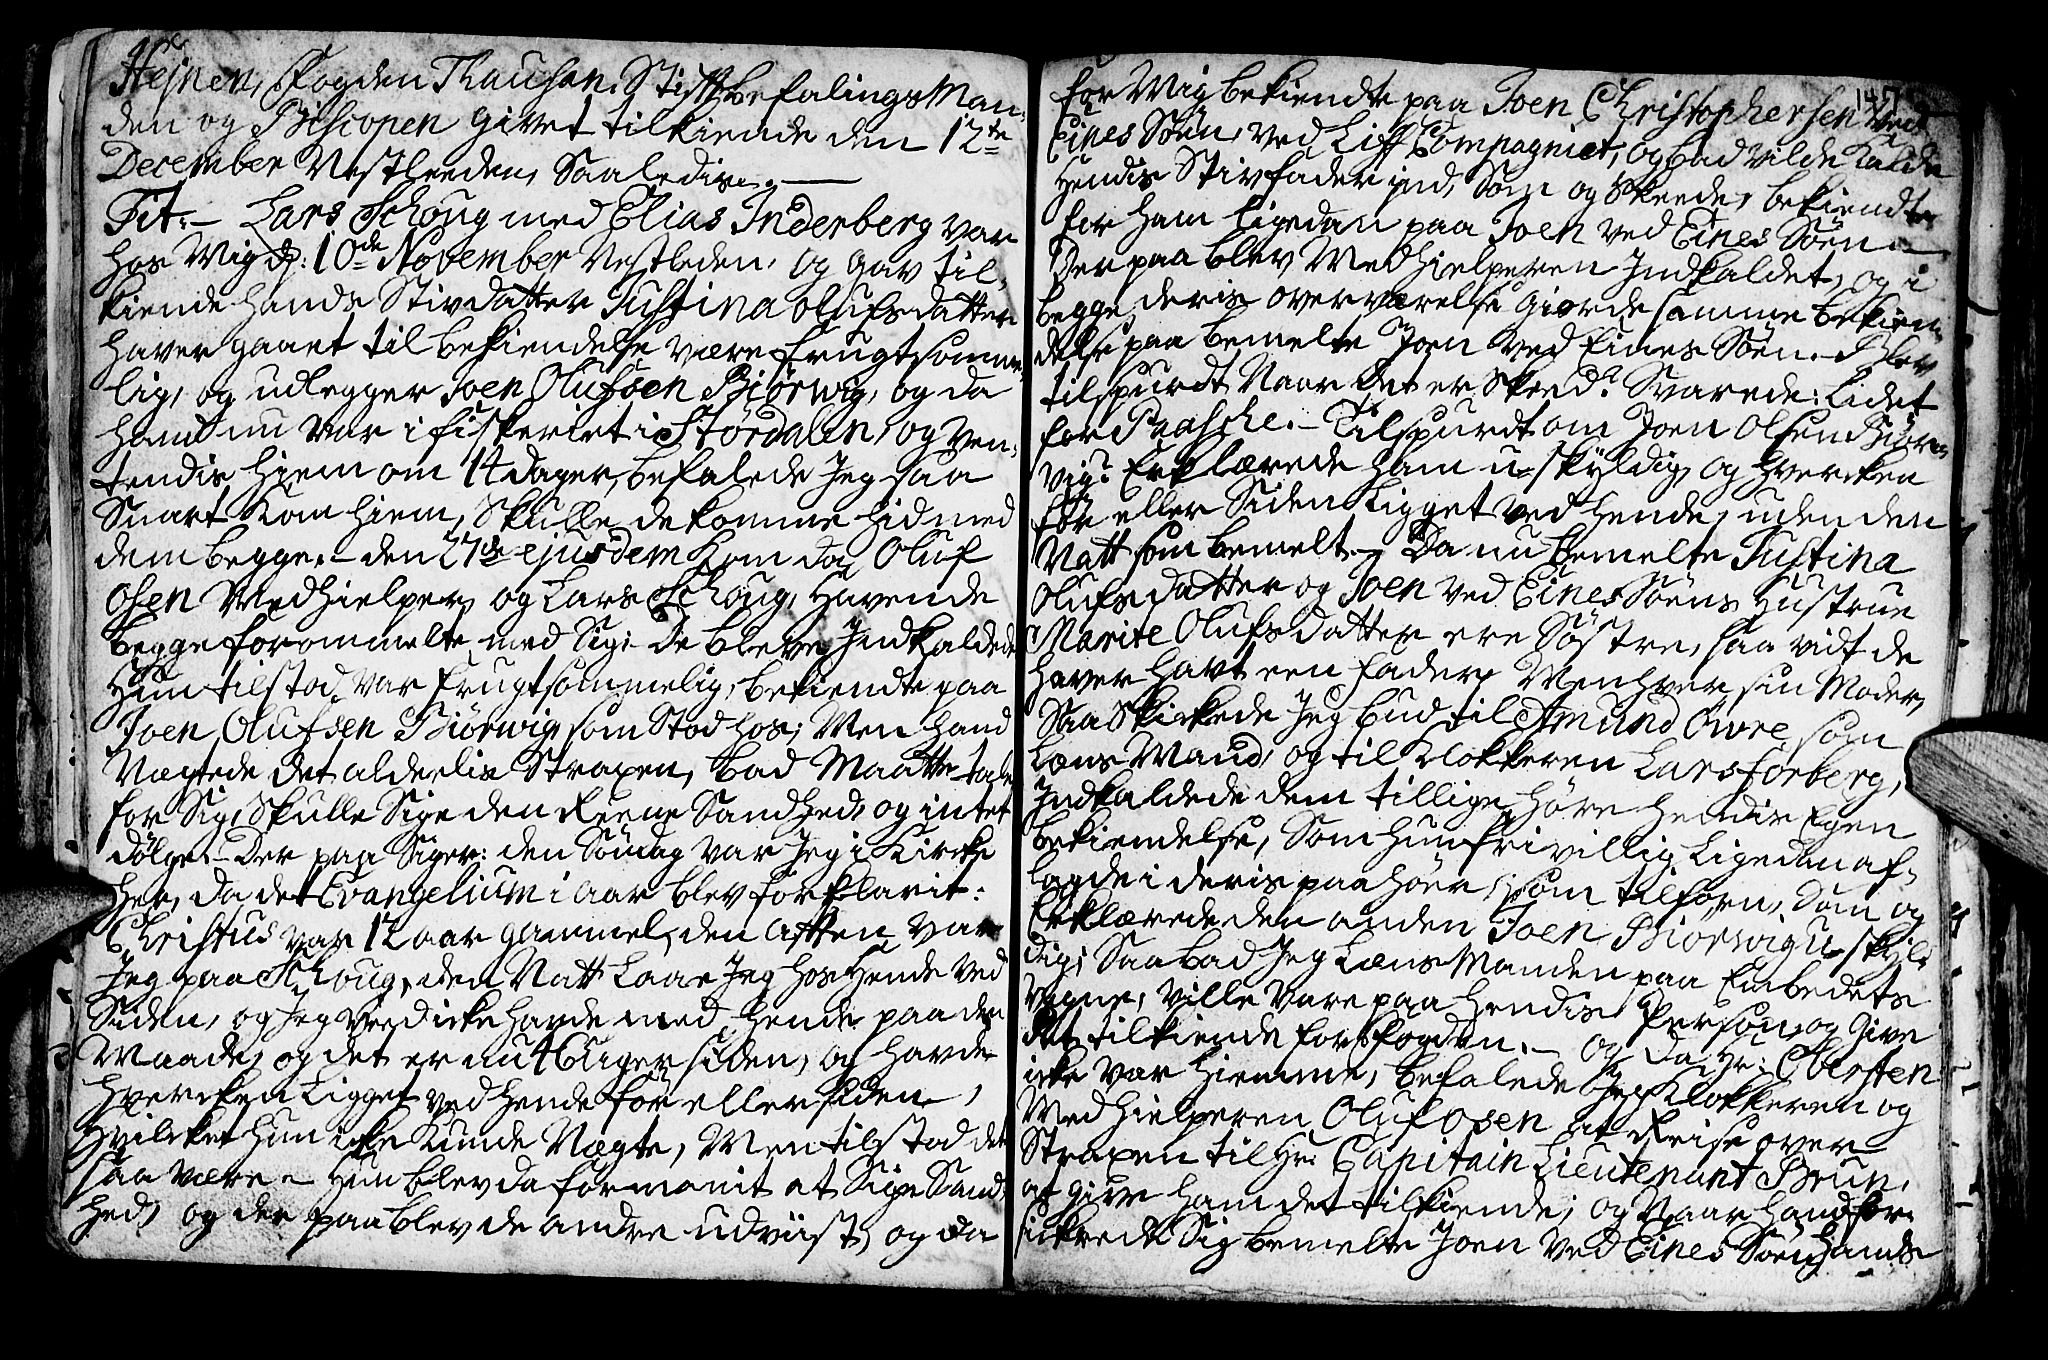 SAT, Ministerialprotokoller, klokkerbøker og fødselsregistre - Nord-Trøndelag, 722/L0215: Ministerialbok nr. 722A02, 1718-1755, s. 147